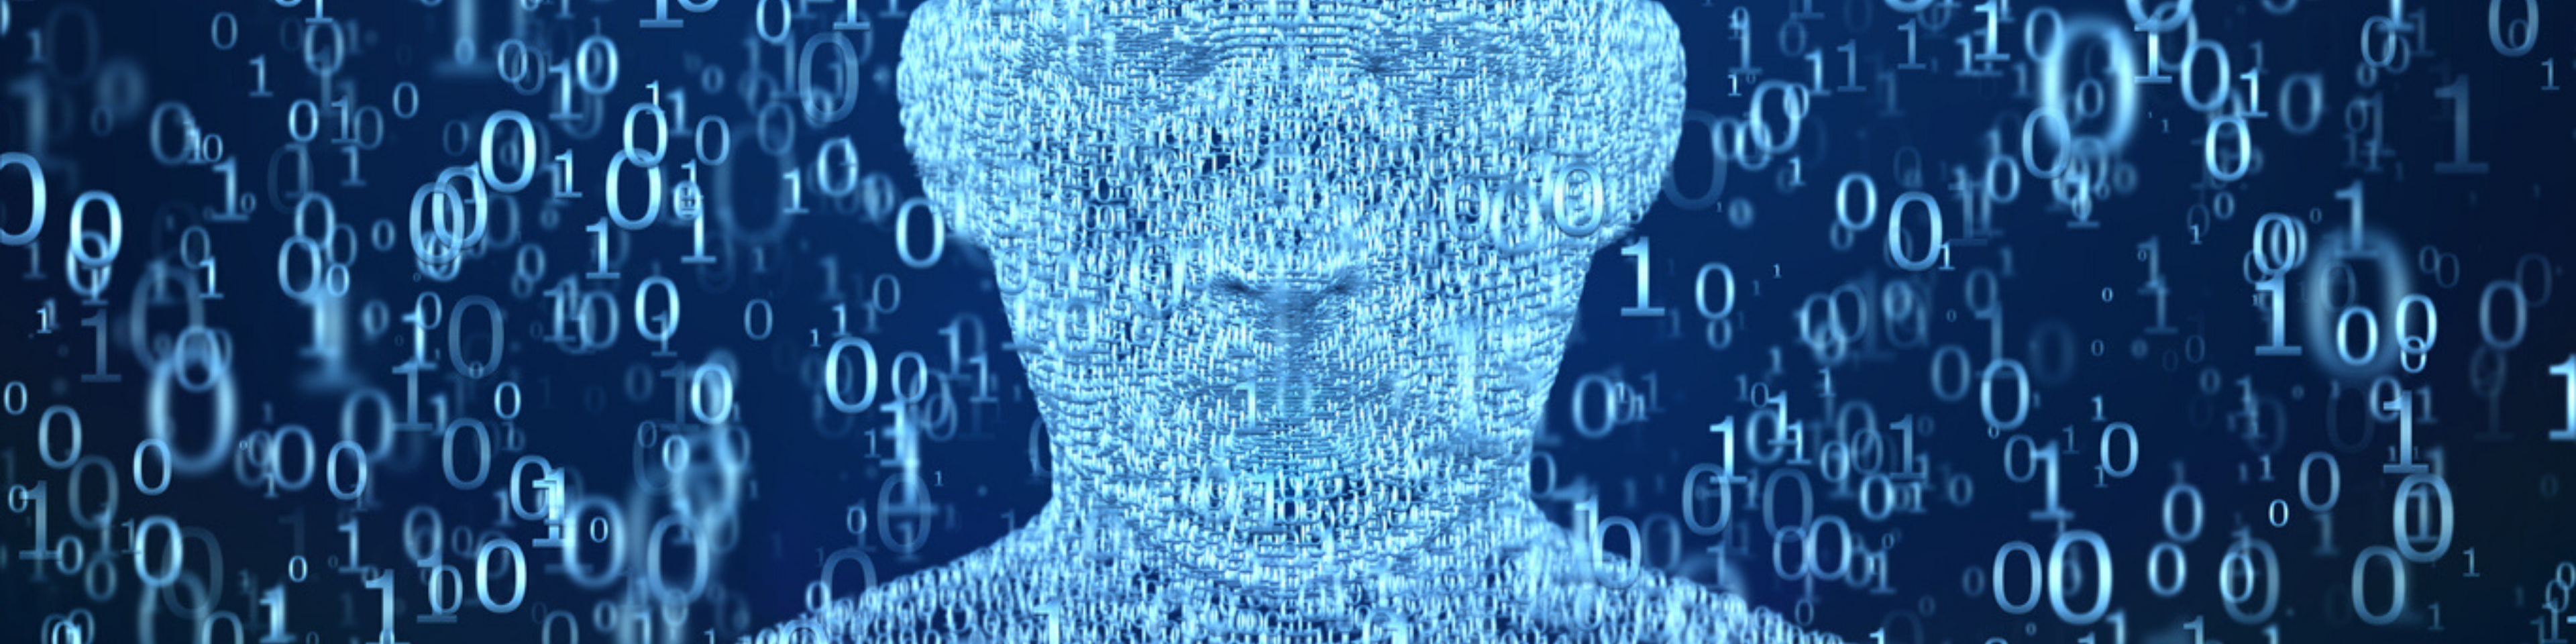 COVID-Sepsis-AI-Surveillance